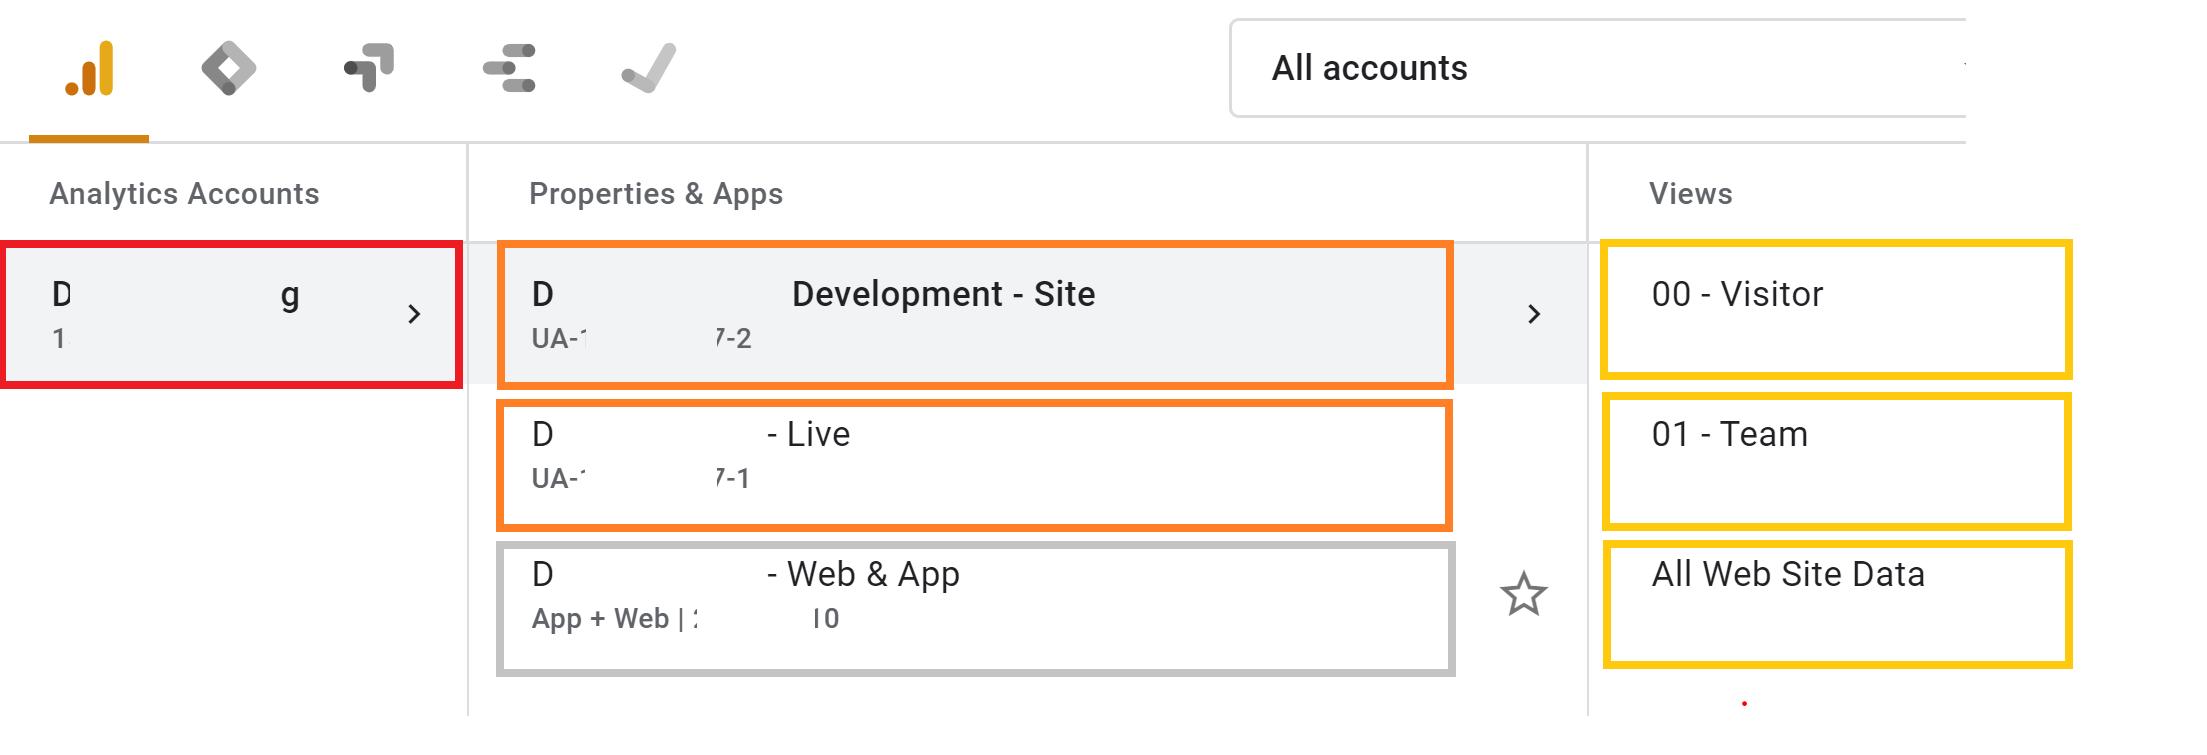 Google Analytics einrichten - Account & Property-Struktur